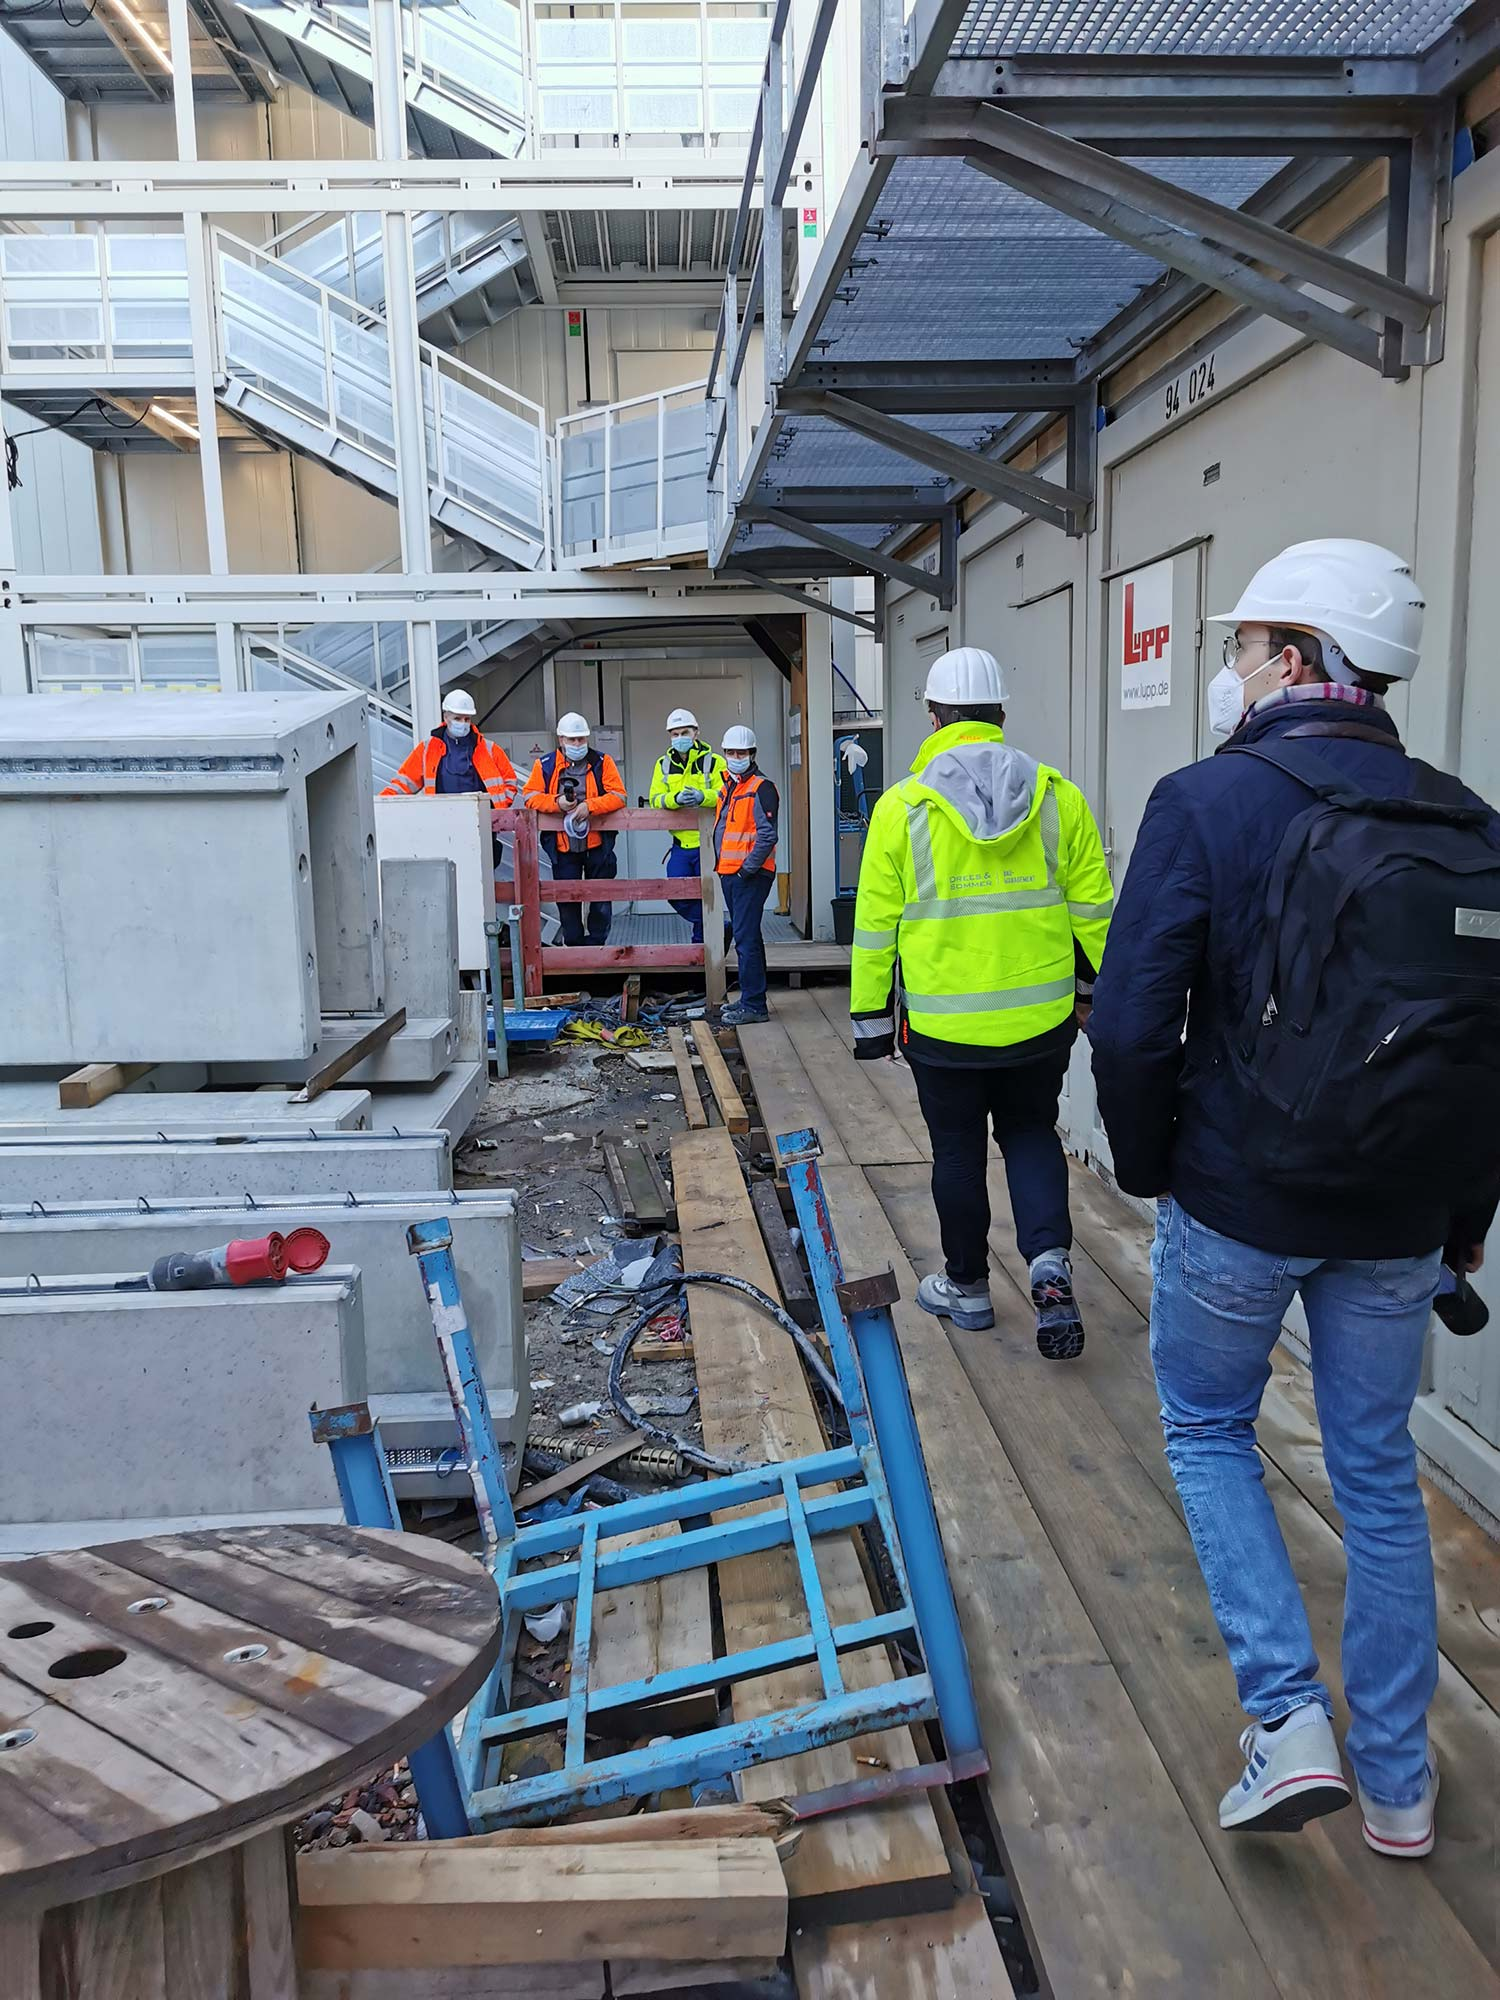 Bauarbeiter auf Hochhaus Baustelle - Baustellenbegehung Frankfurt Hochhausbaustelle